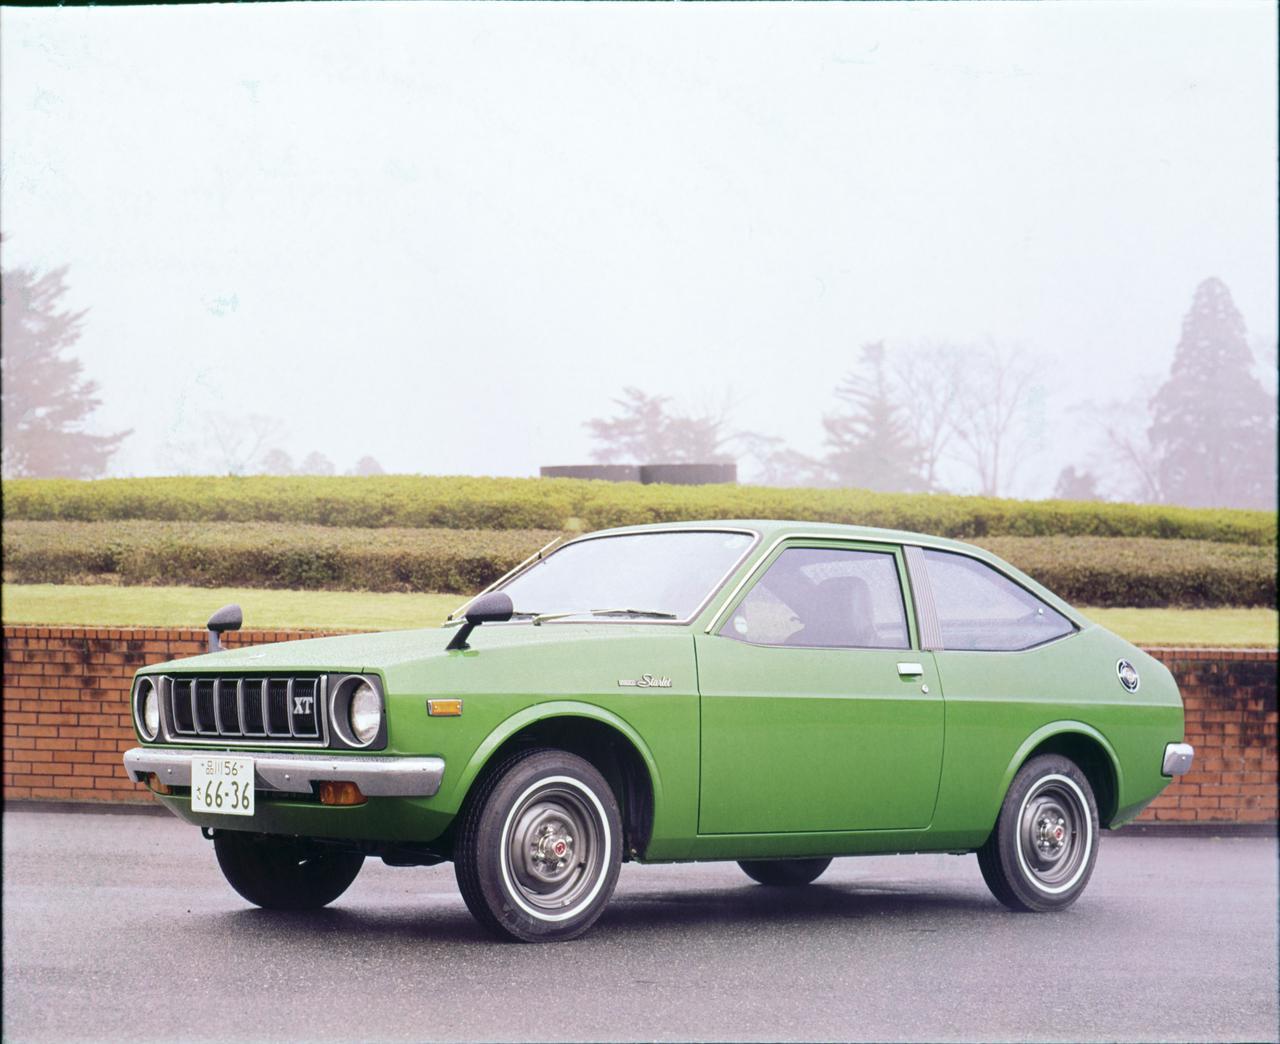 Images : 10番目の画像 - 「【今日は何の日?】初代パブリカスターレット発売「初代スターレットはクーペスタイルだった」46年前 1973年4月11日」のアルバム - Webモーターマガジン